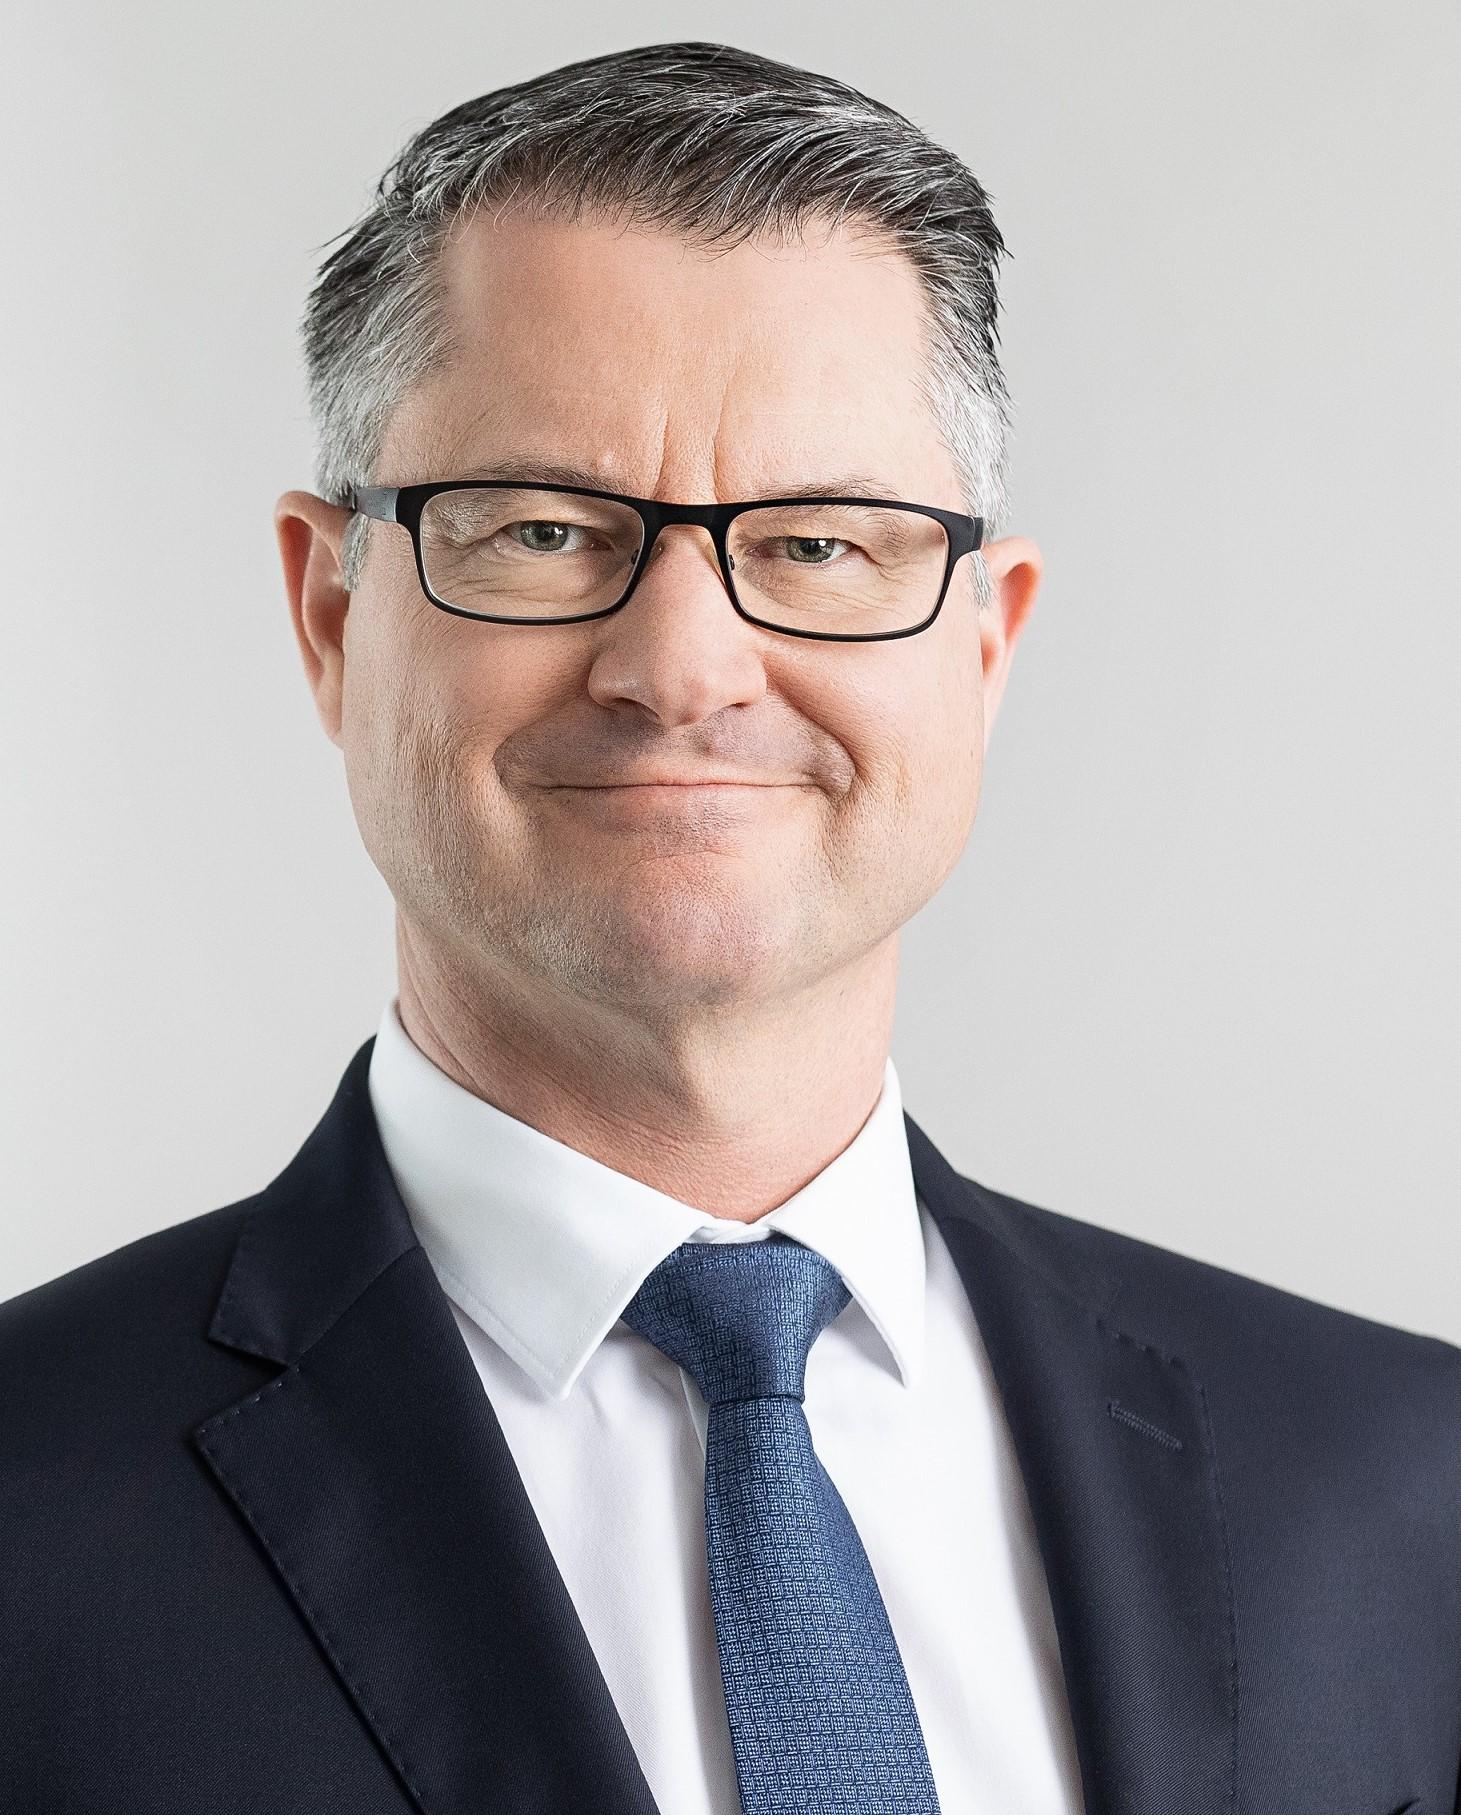 Marco Swoboda, Henkel AG & Co. KGaA